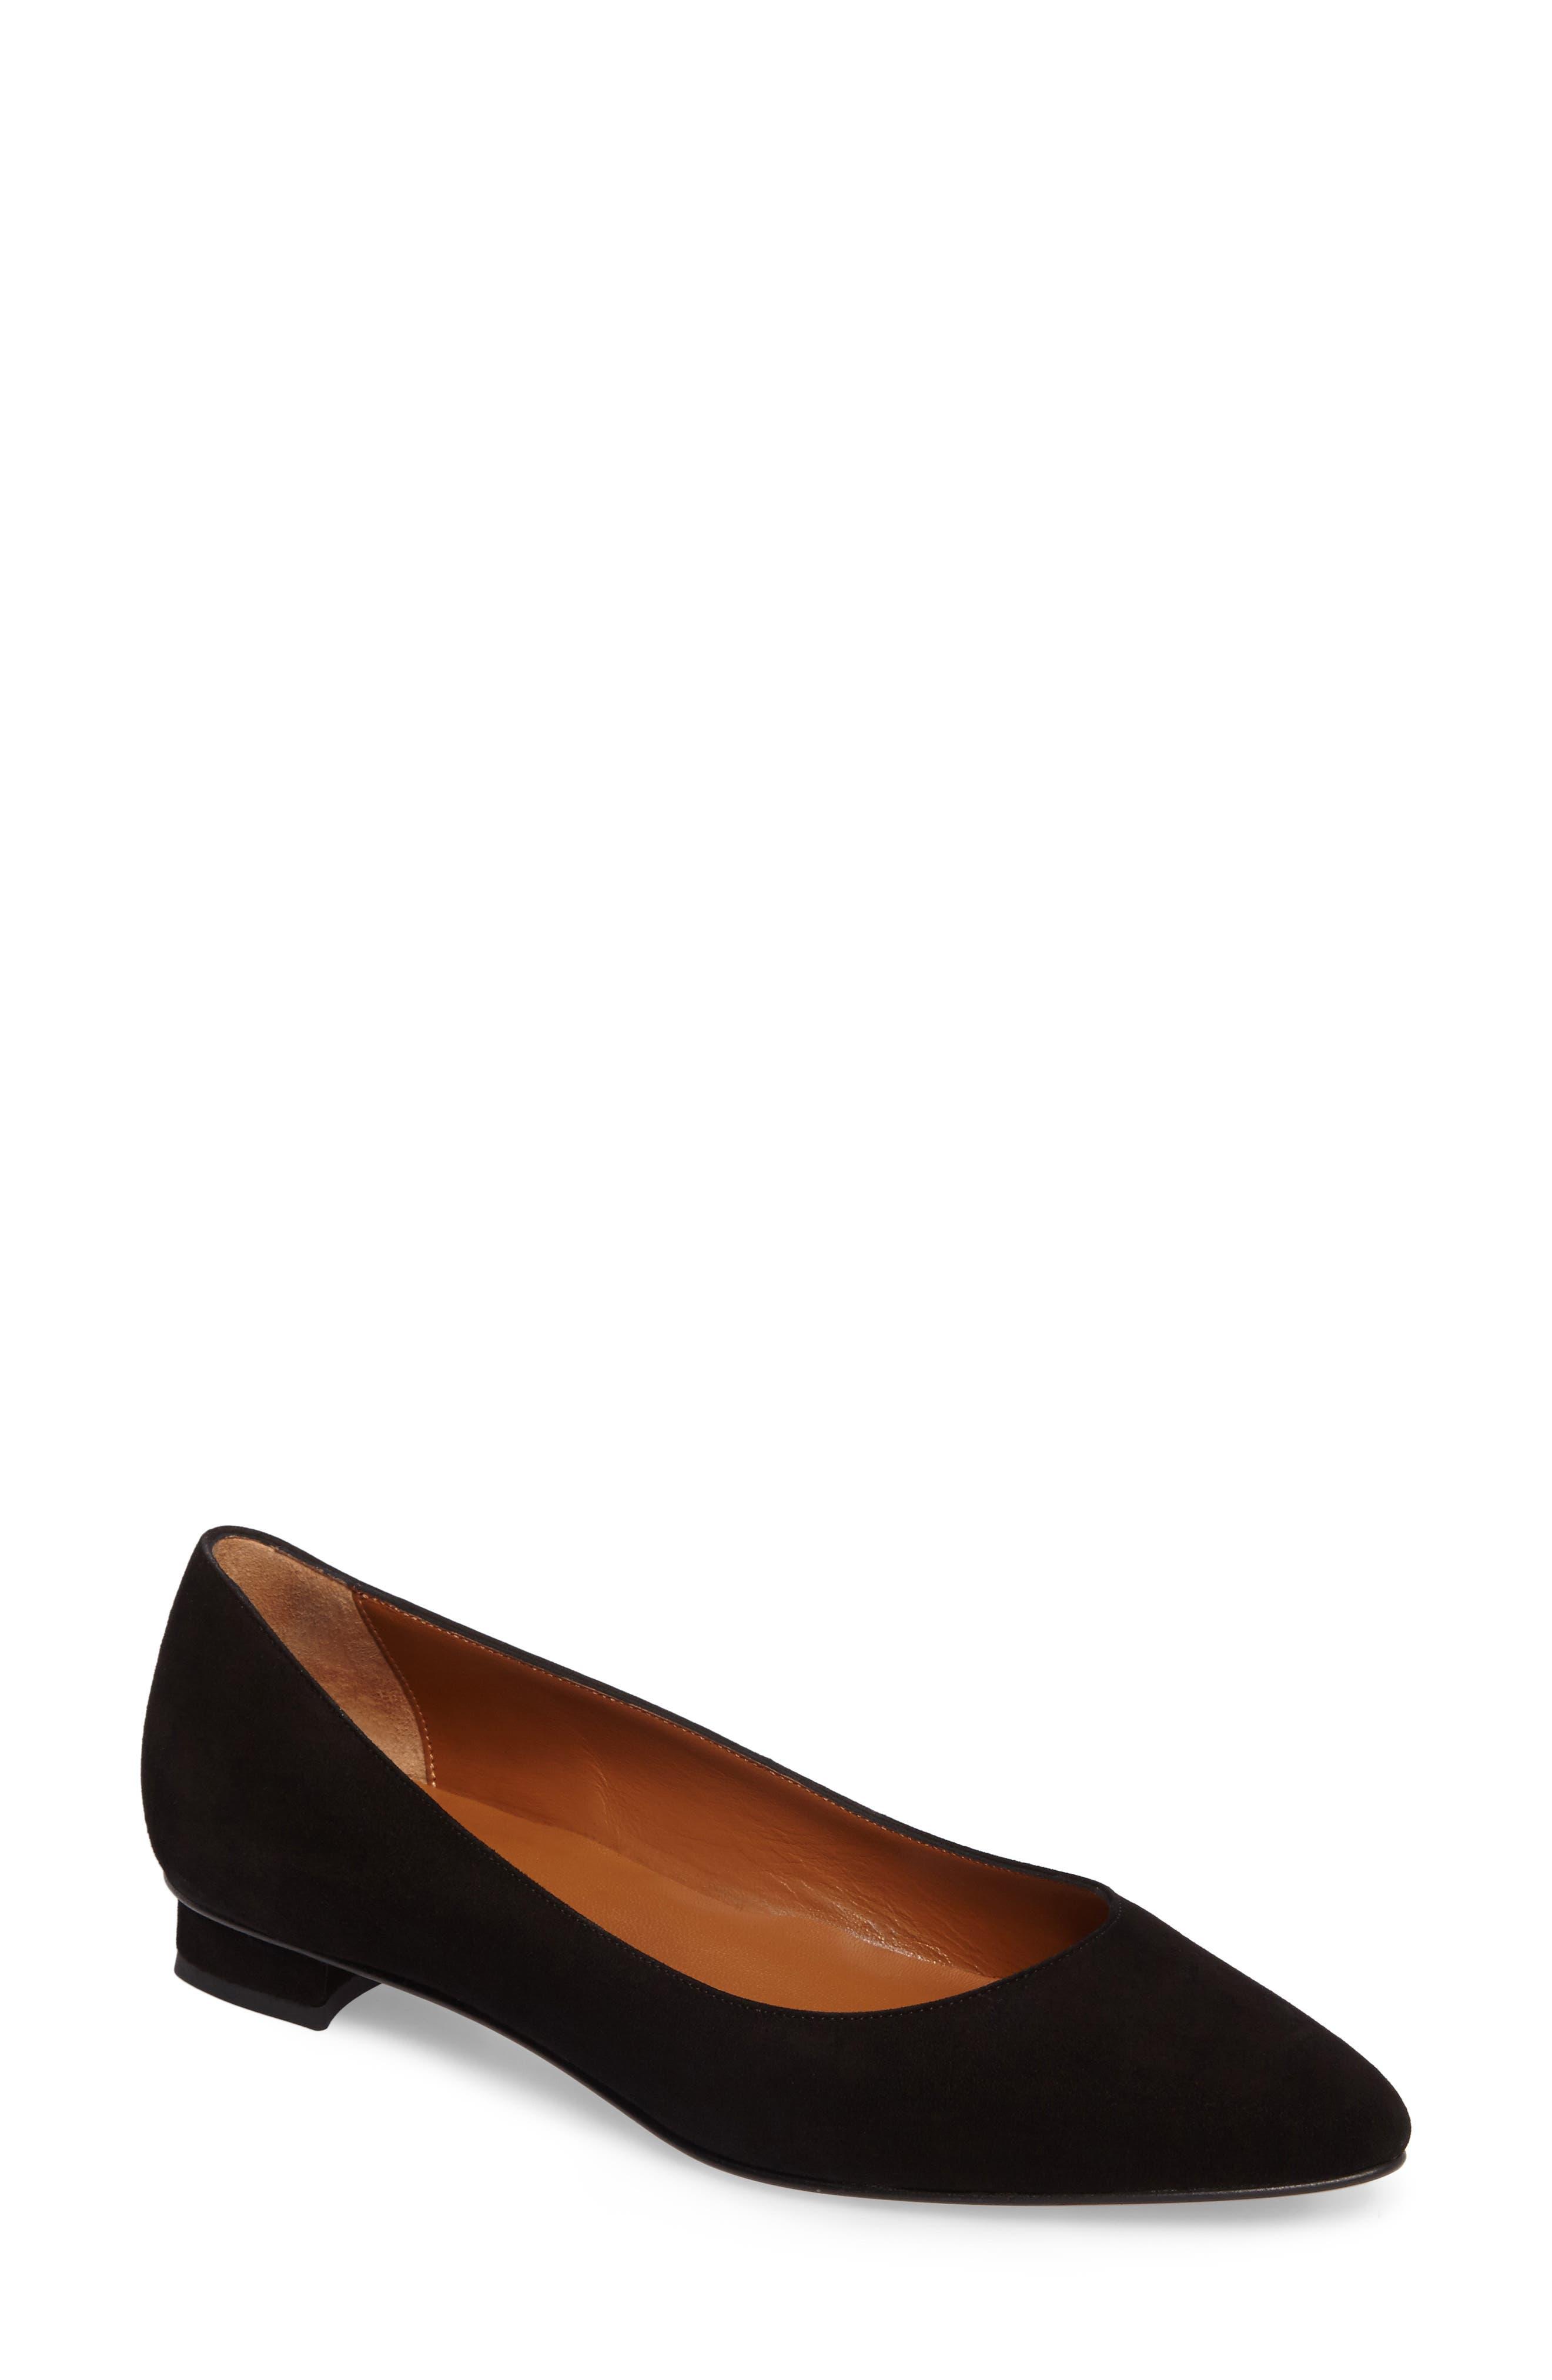 Perla Weatherproof Ballerina Shoe,                             Main thumbnail 1, color,                             001